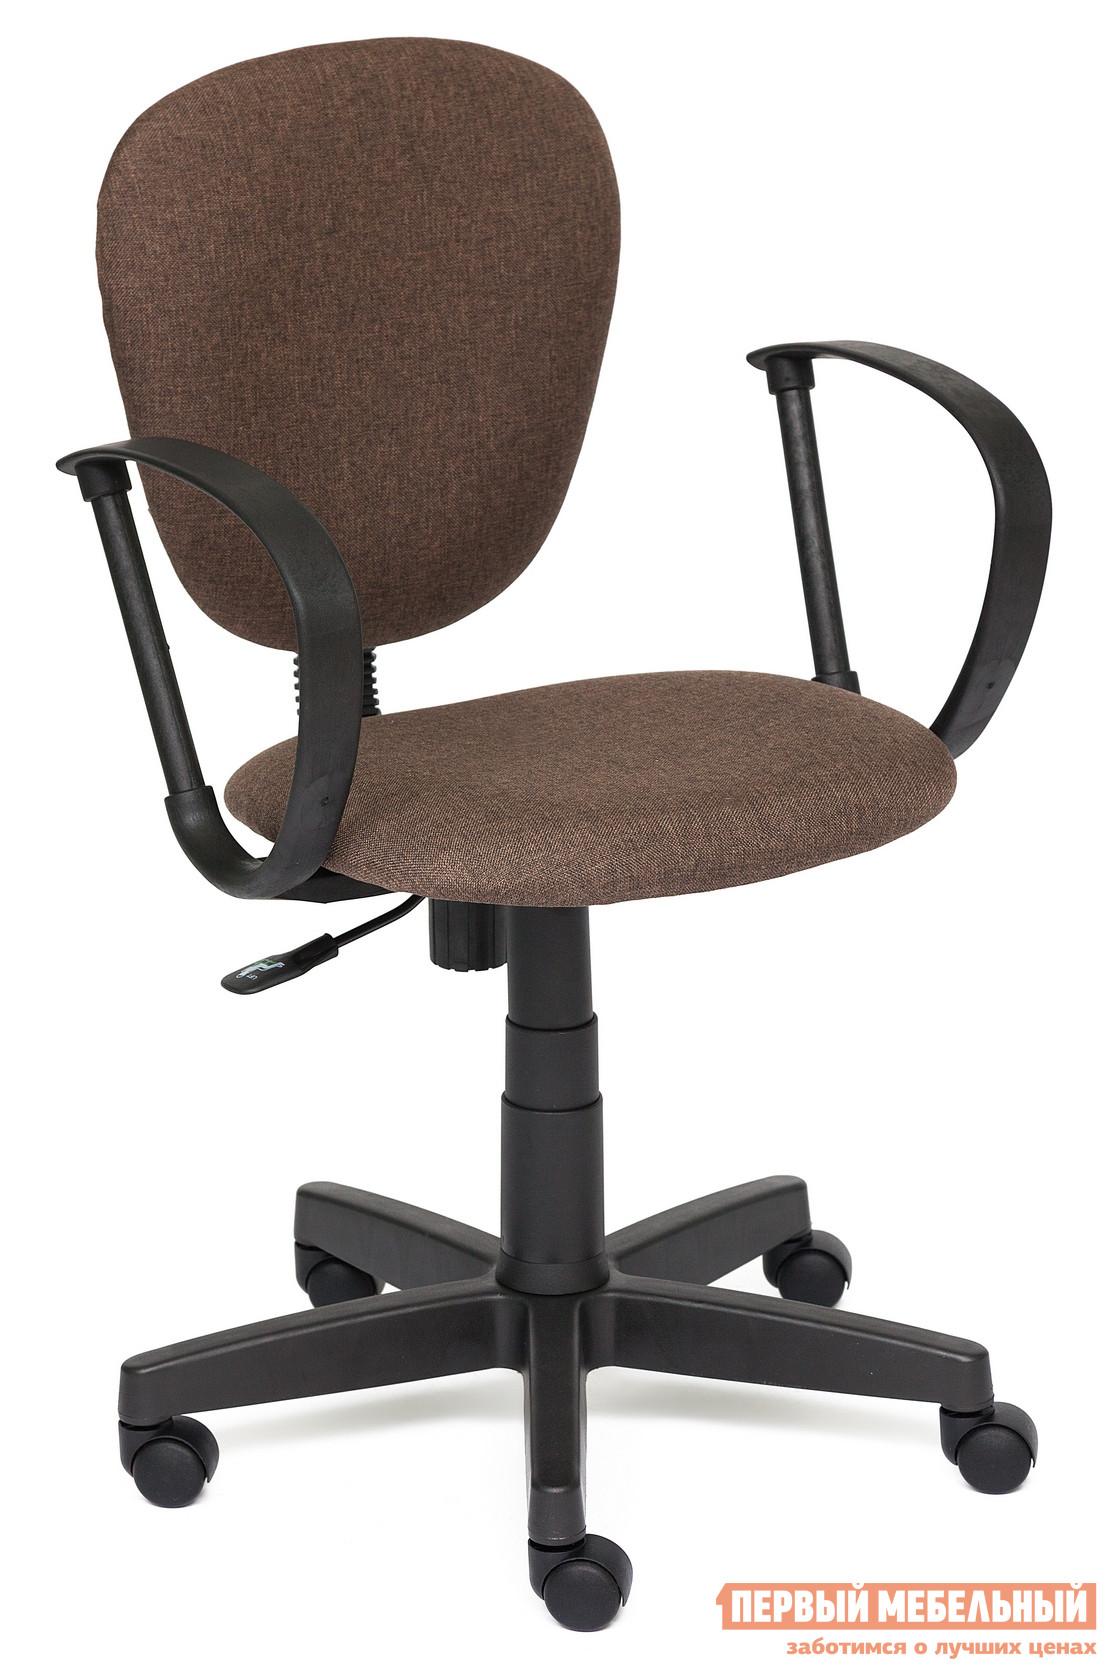 Кресло для офиса Tetchair CH413 Коричневый / 3М7-147 от Купистол